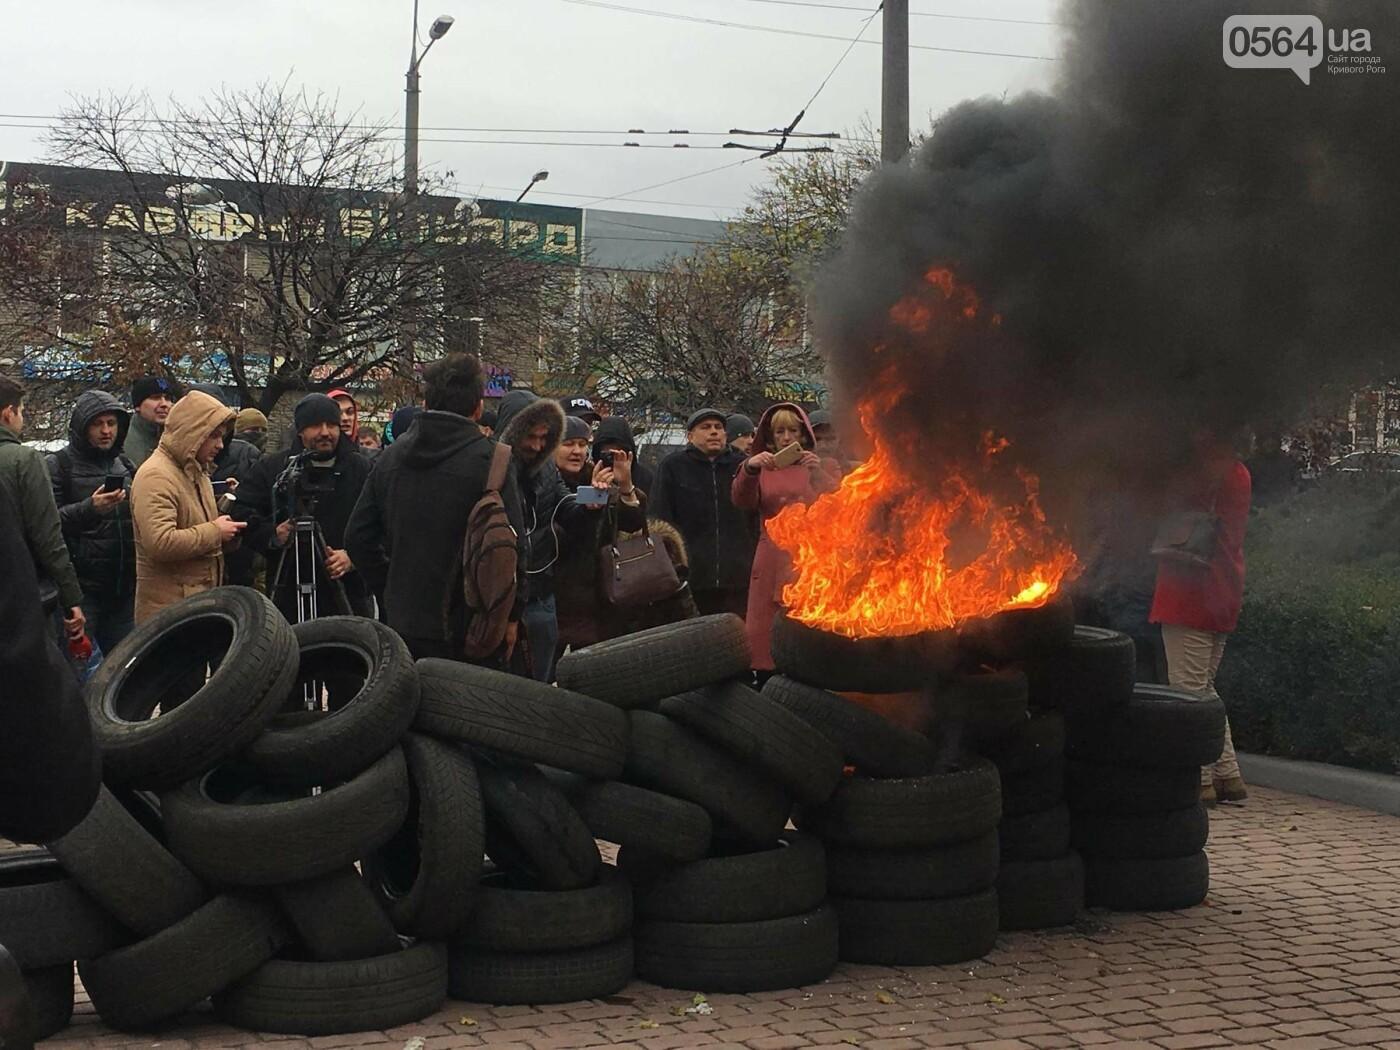 """Криворожане принесли  и подожгли шины под управление """"Криворожгаза""""  - ФОТО, ВИДЕО, фото-4"""